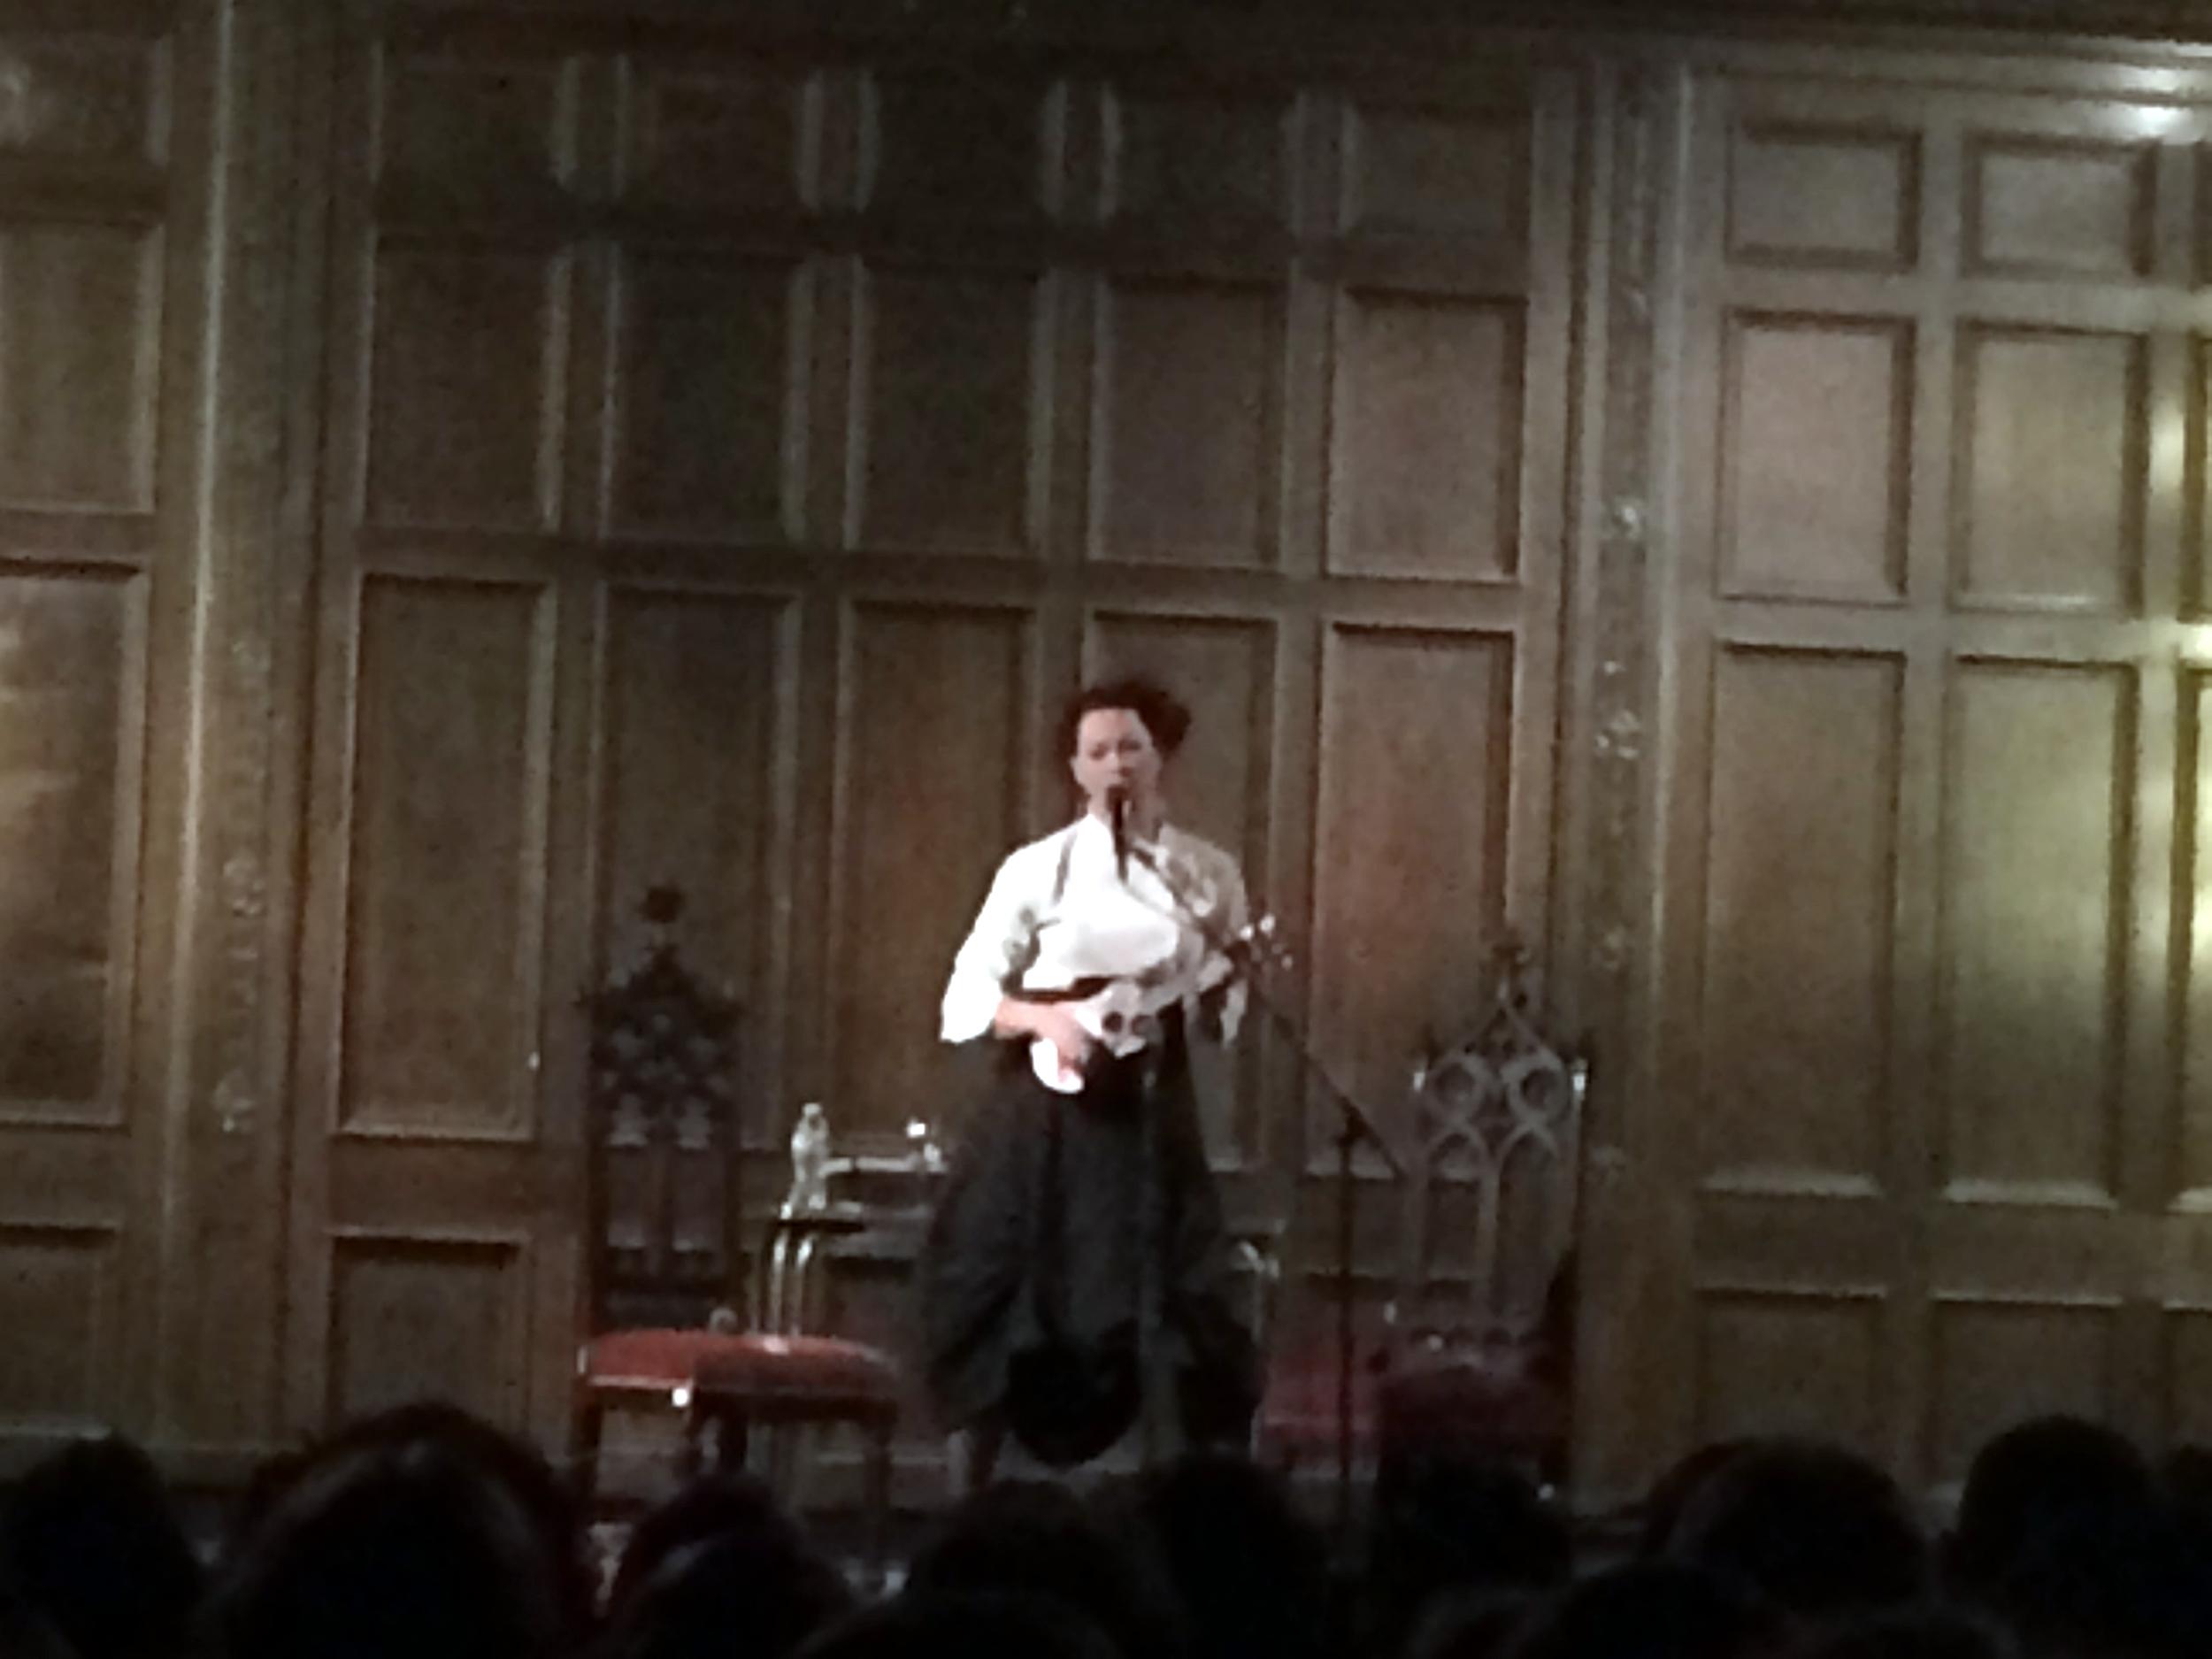 Amanda Palmer and her ukulele